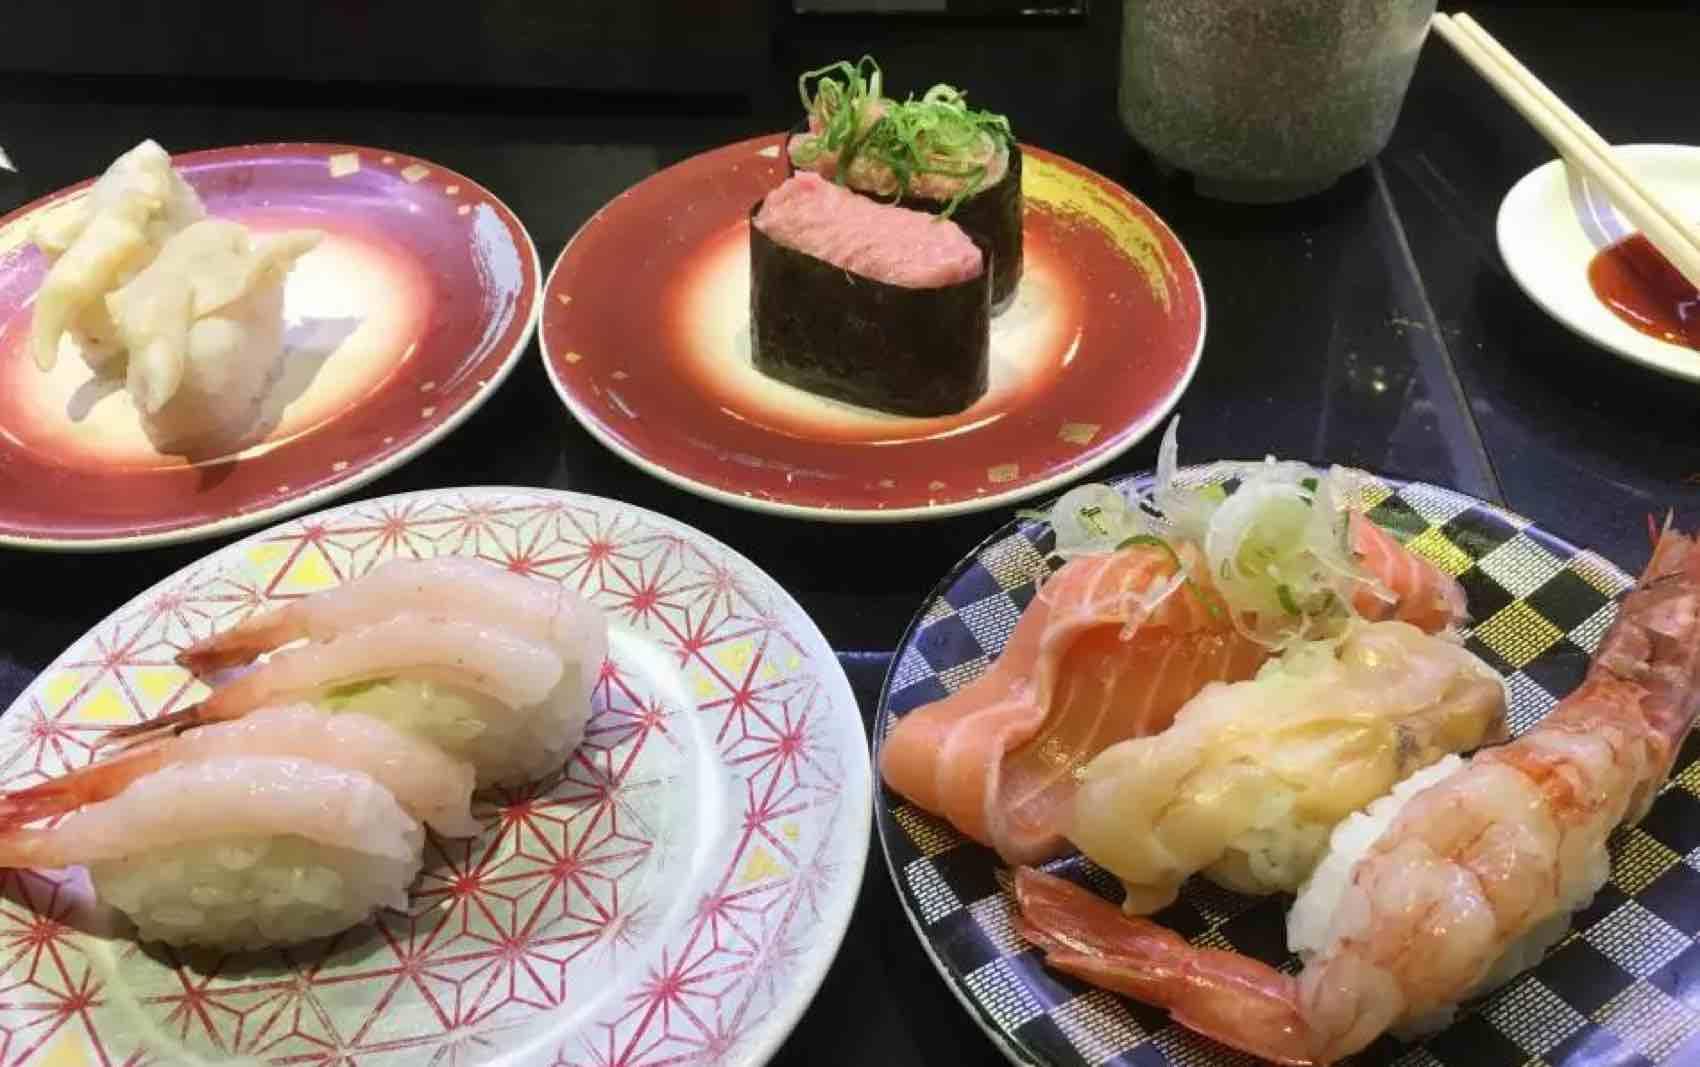 Food served in Japan